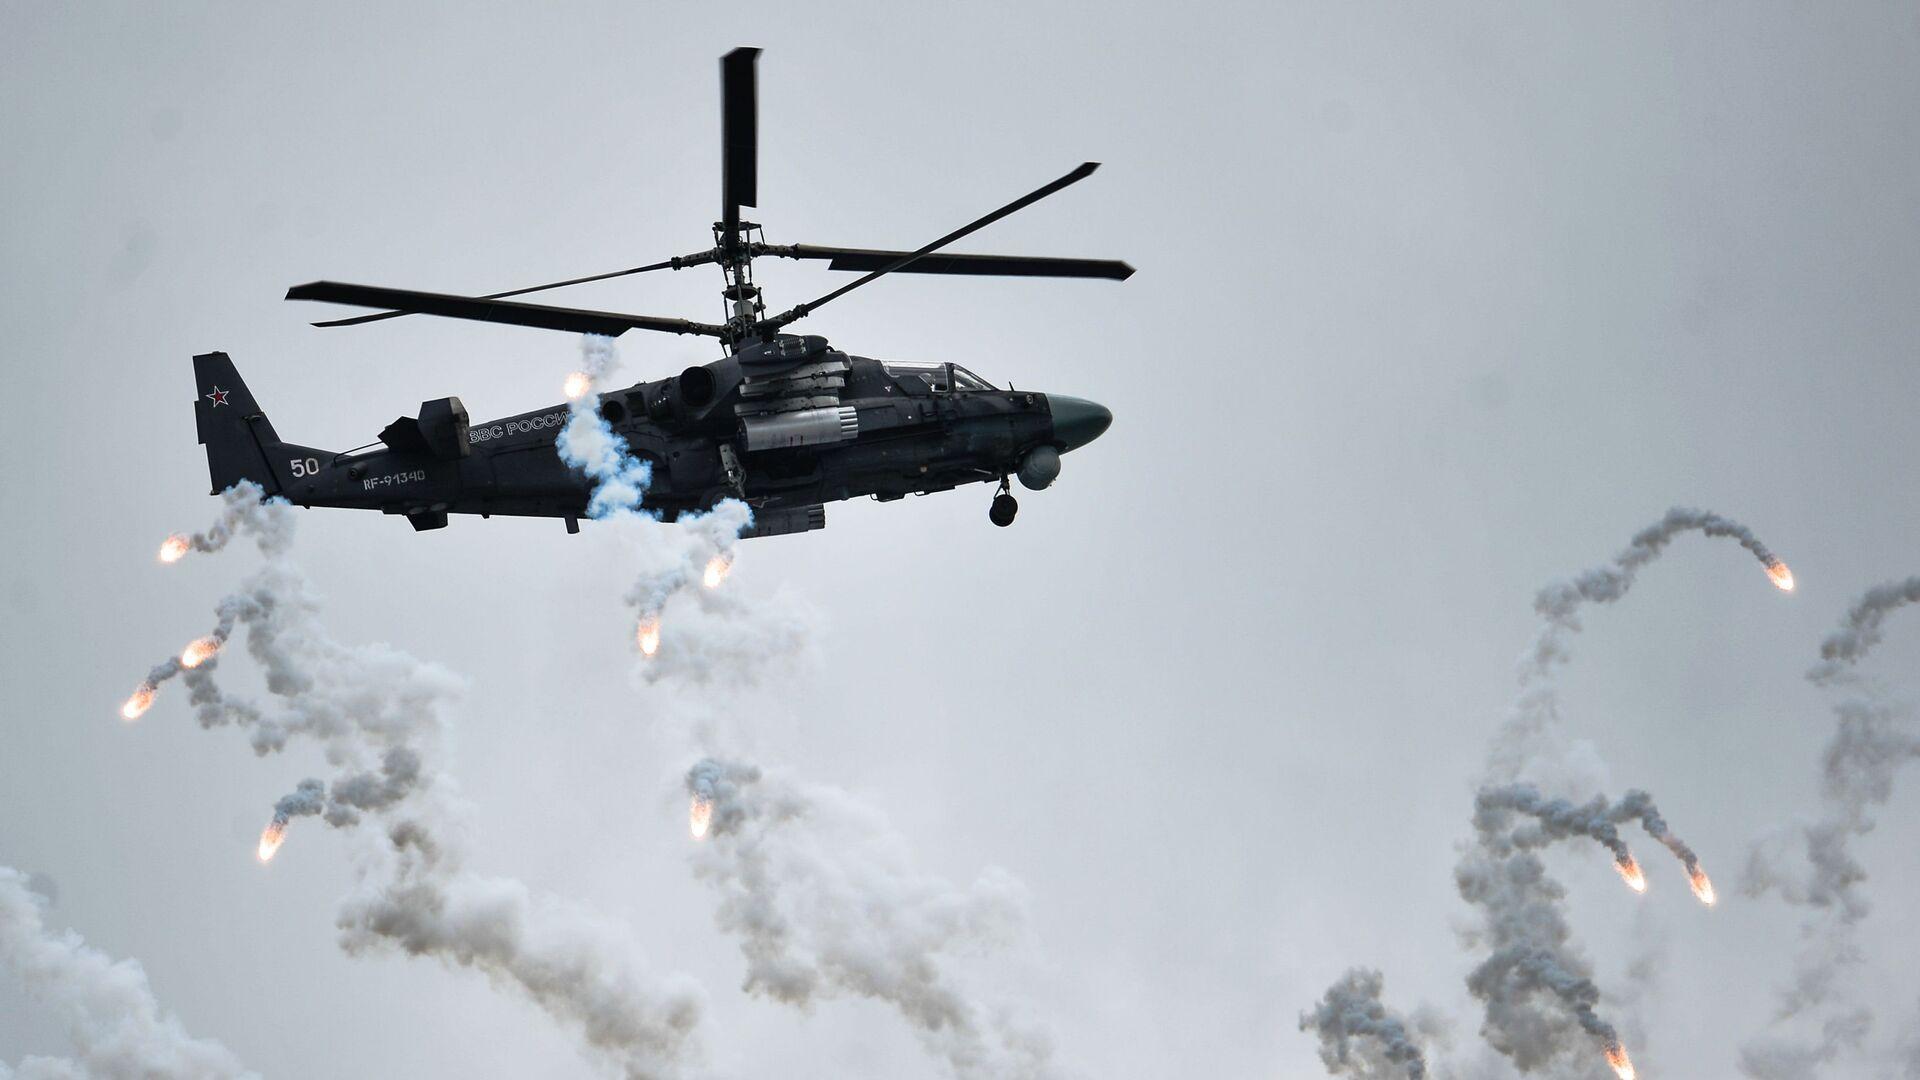 Śmigłowiec Ка-52 Aligator na międzynarodowym konkursie Awiadarts-2015 - Sputnik Polska, 1920, 24.07.2021